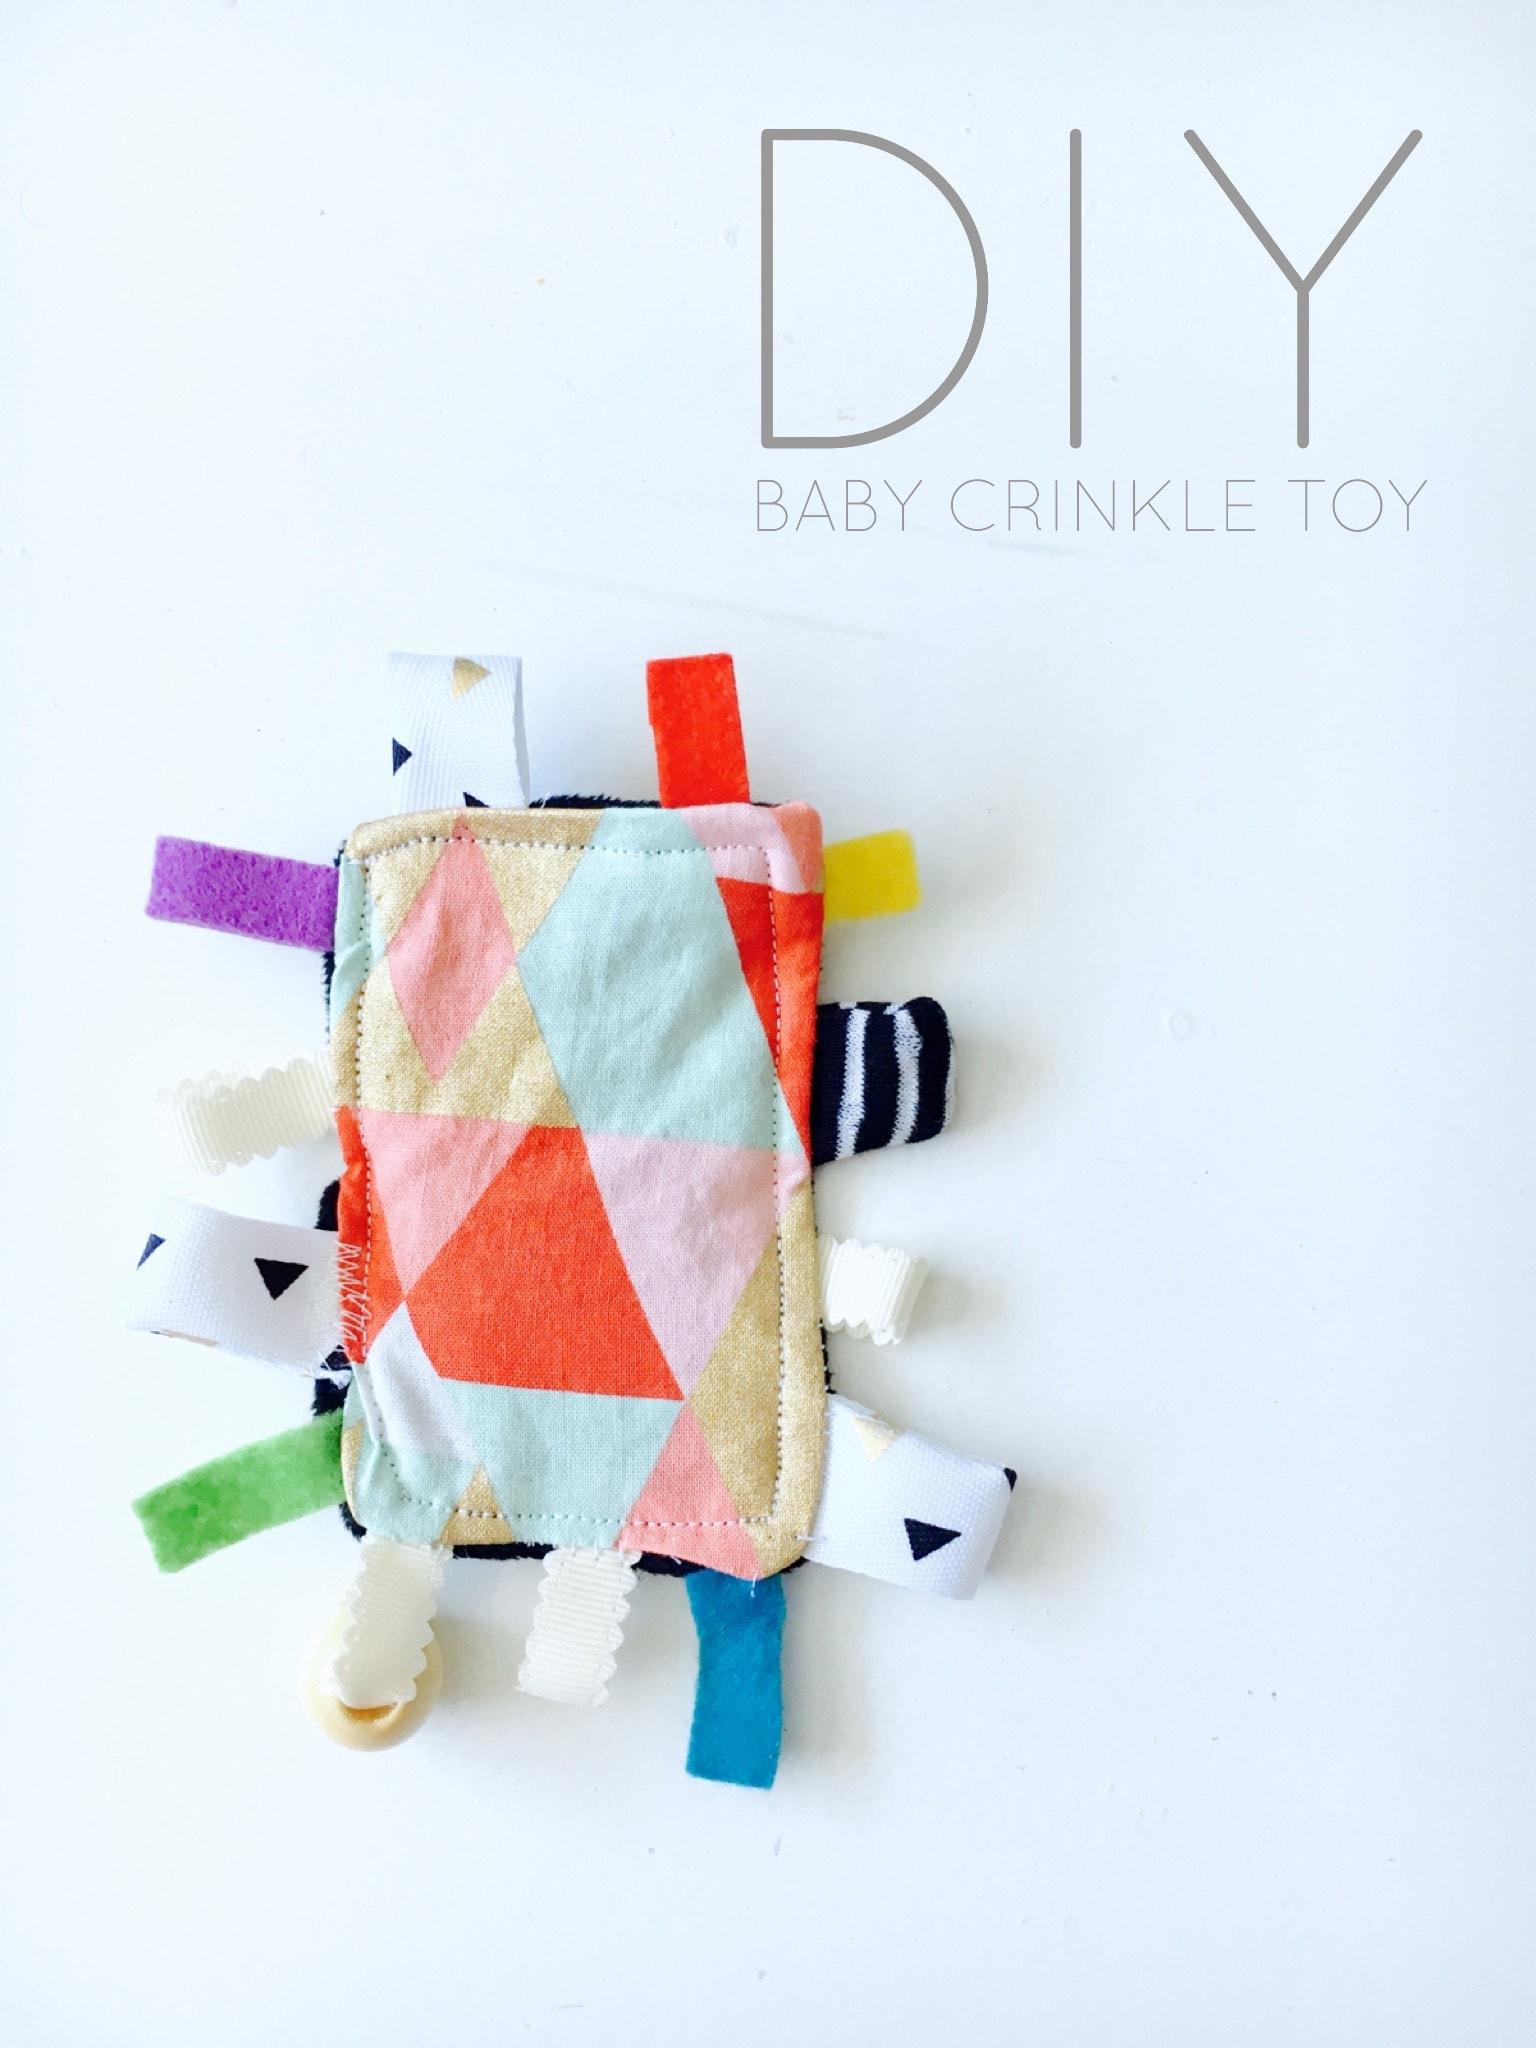 DIY Baby Crinkle Toy